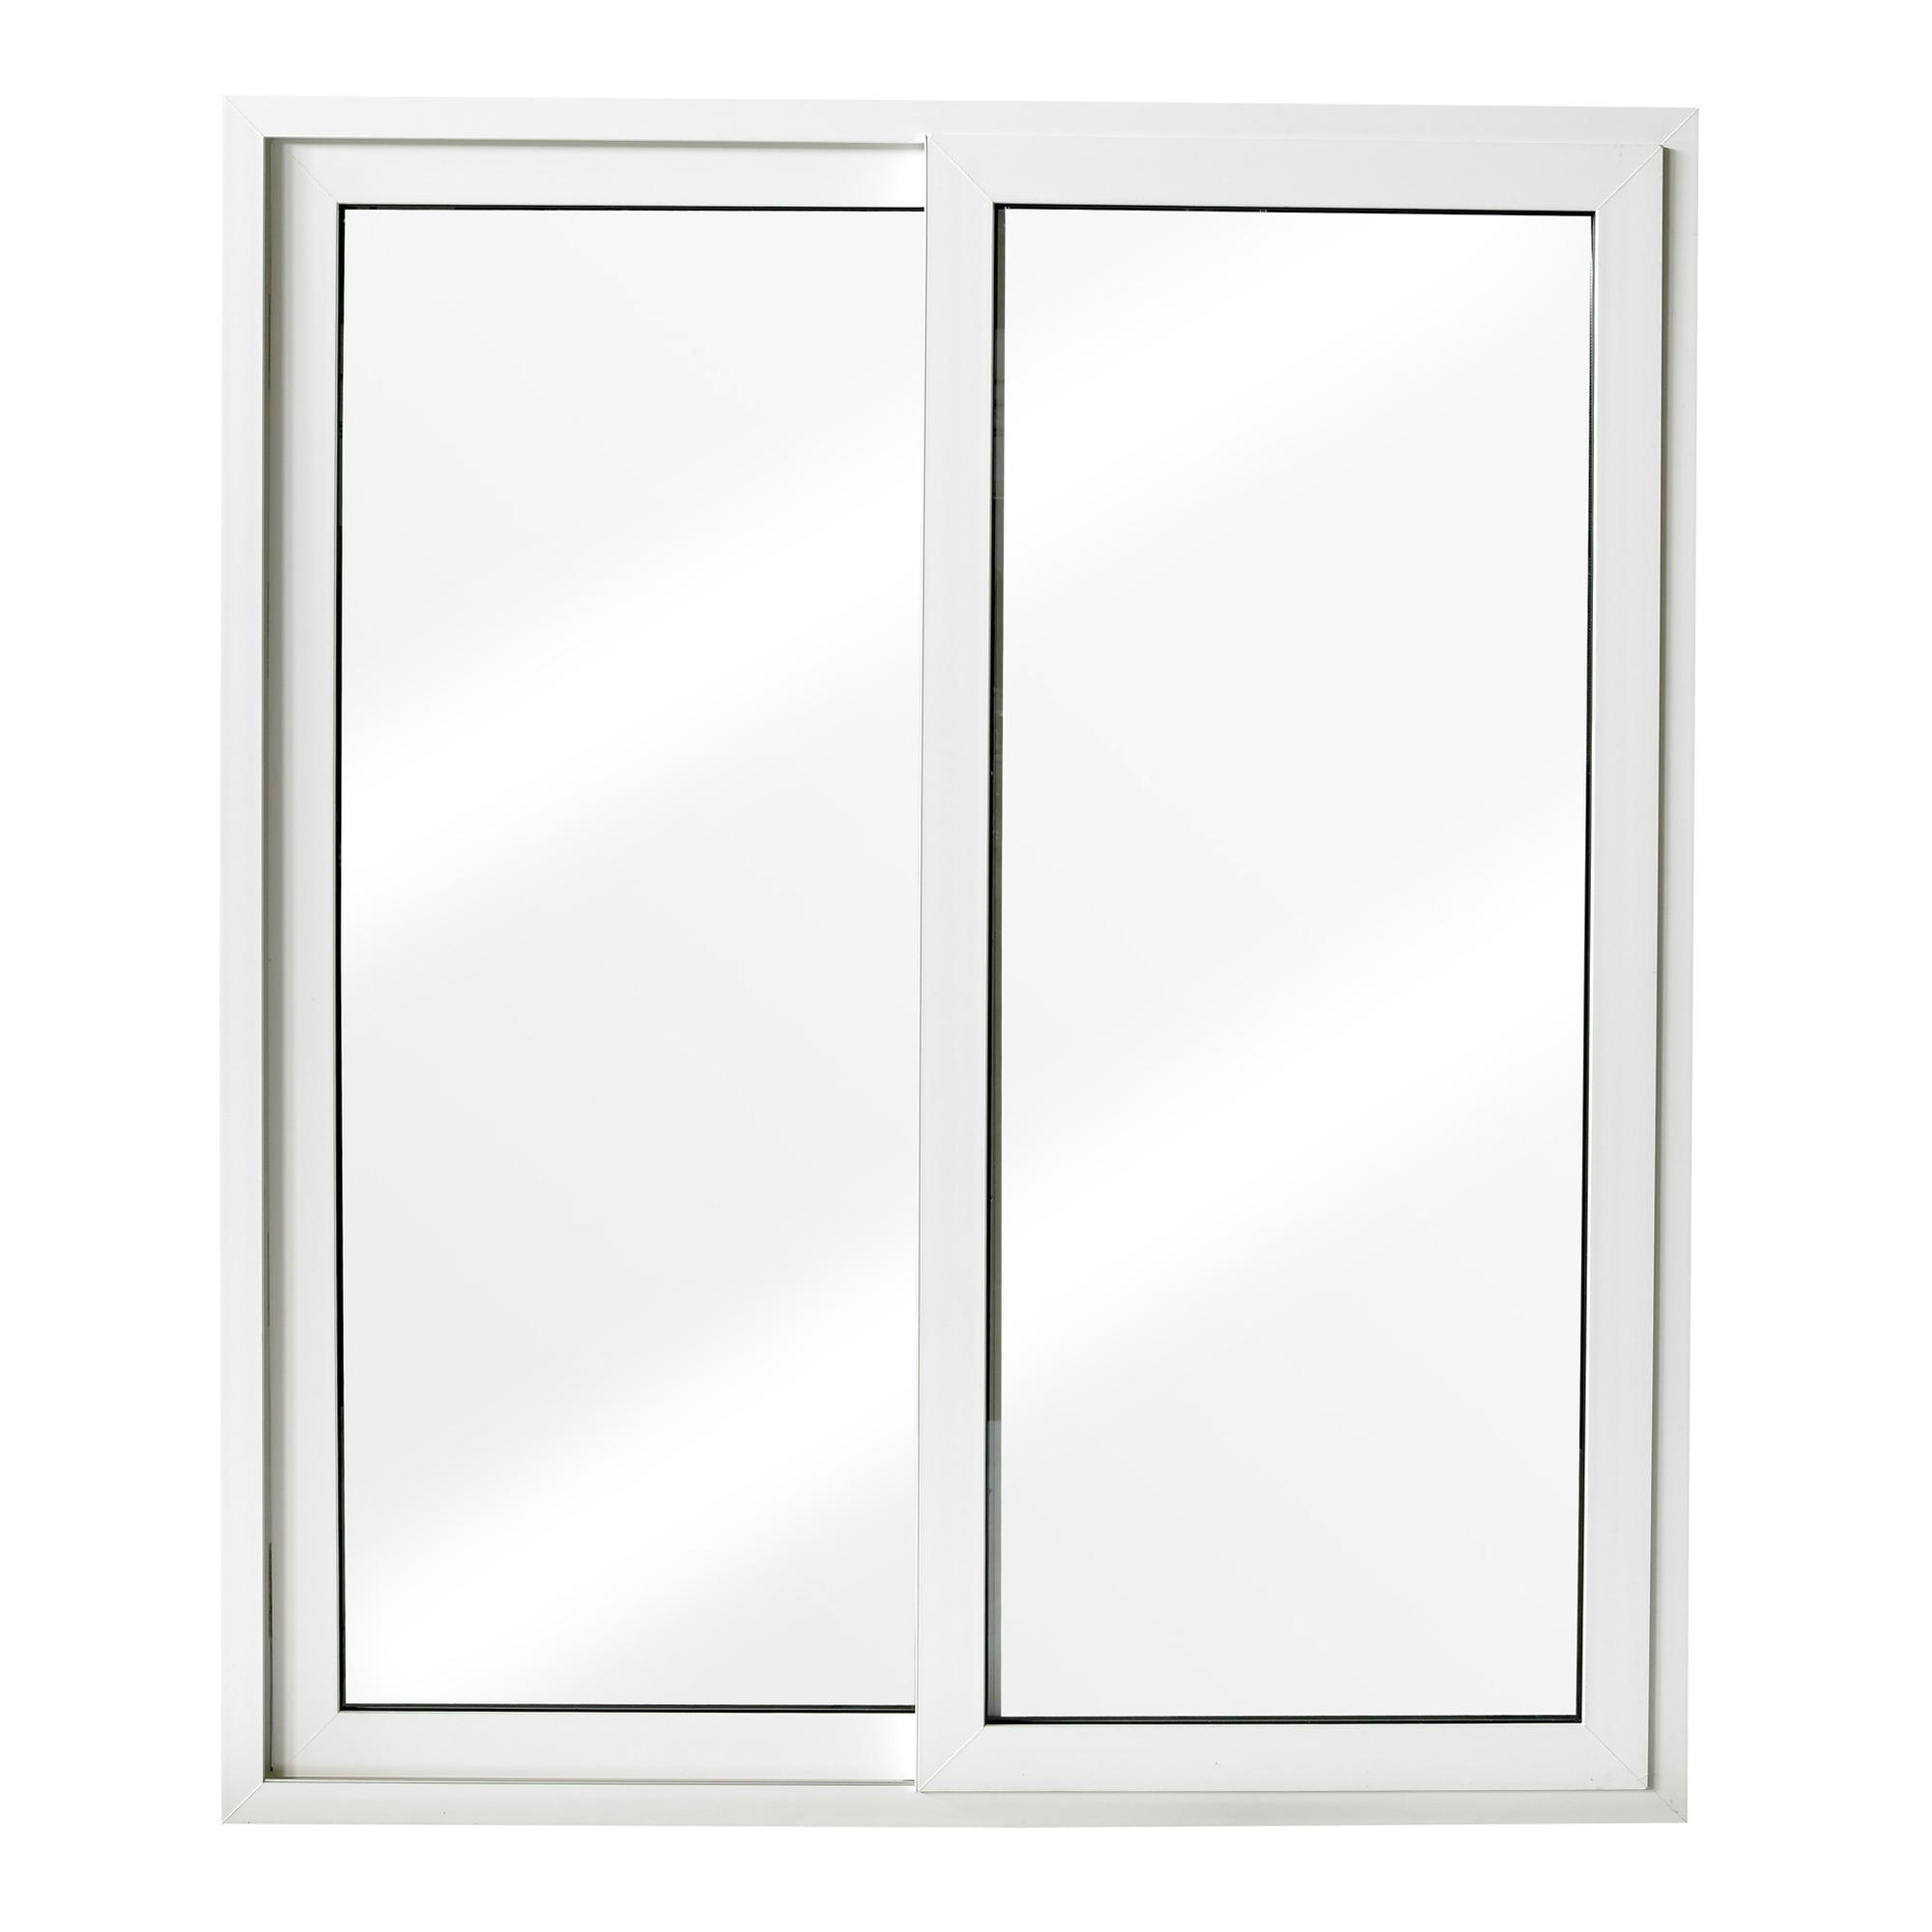 Porte coulissante en pvc blanc 218x186 cm u 1 4 portes ext rieures portes - Portes fenetres coulissantes exterieures ...